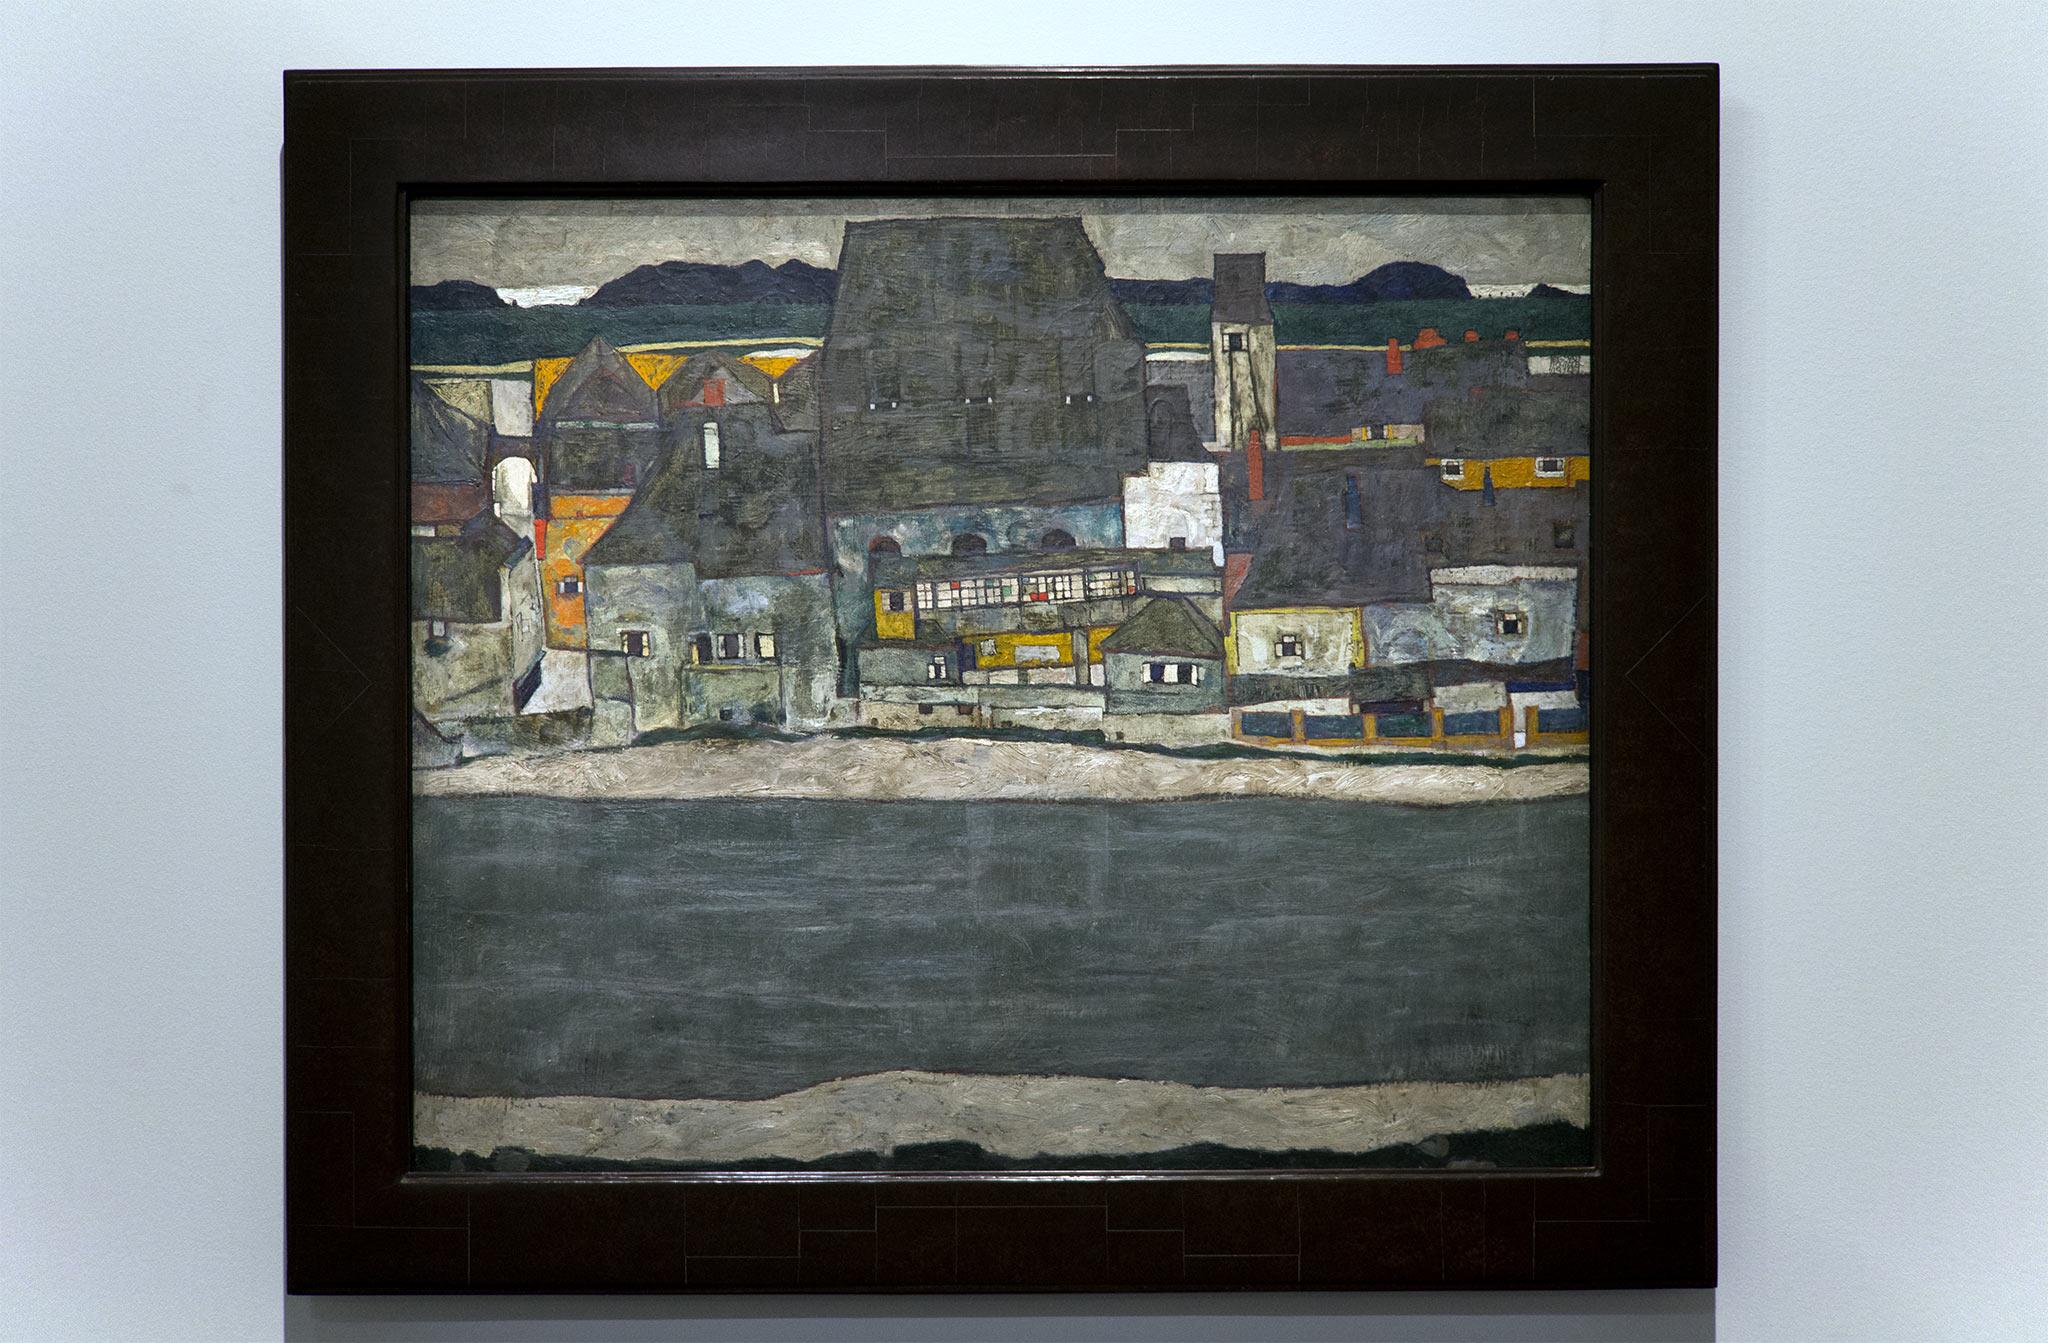 Maison au bord de la rivière, 1914 – Egon Schiele